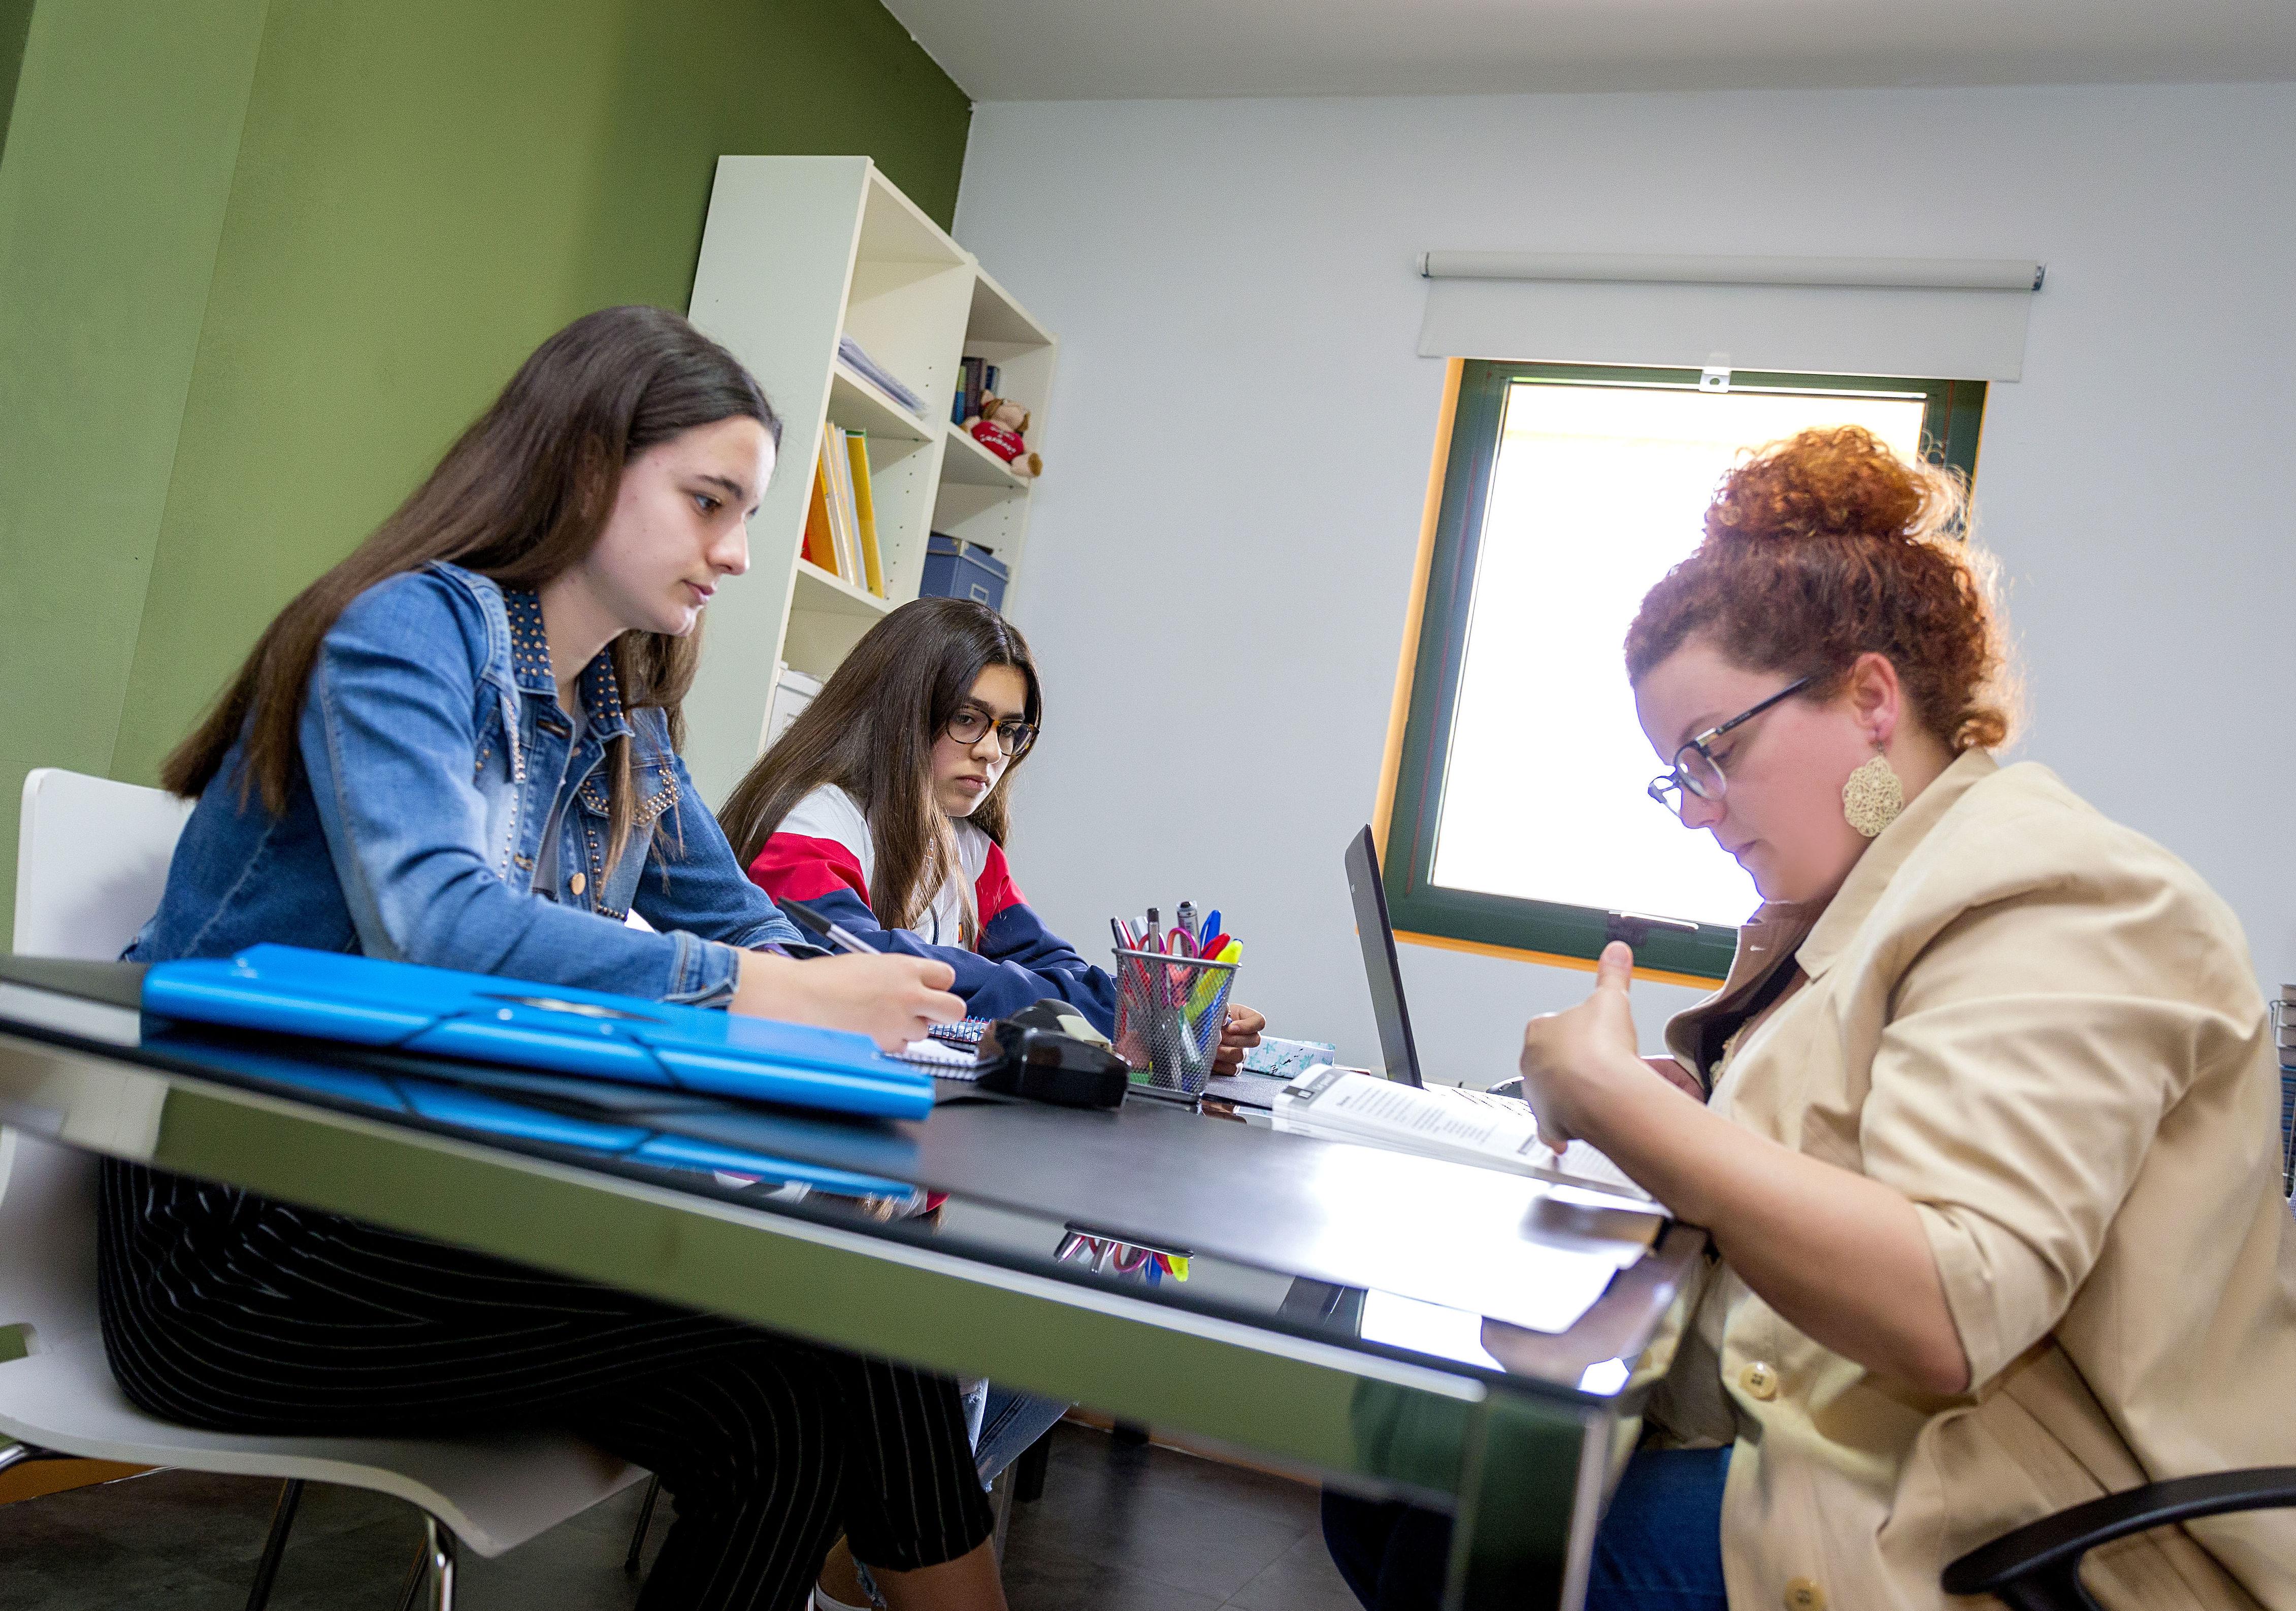 Foto 14 de Academia de idiomas en La Coruña | SBC Global Training